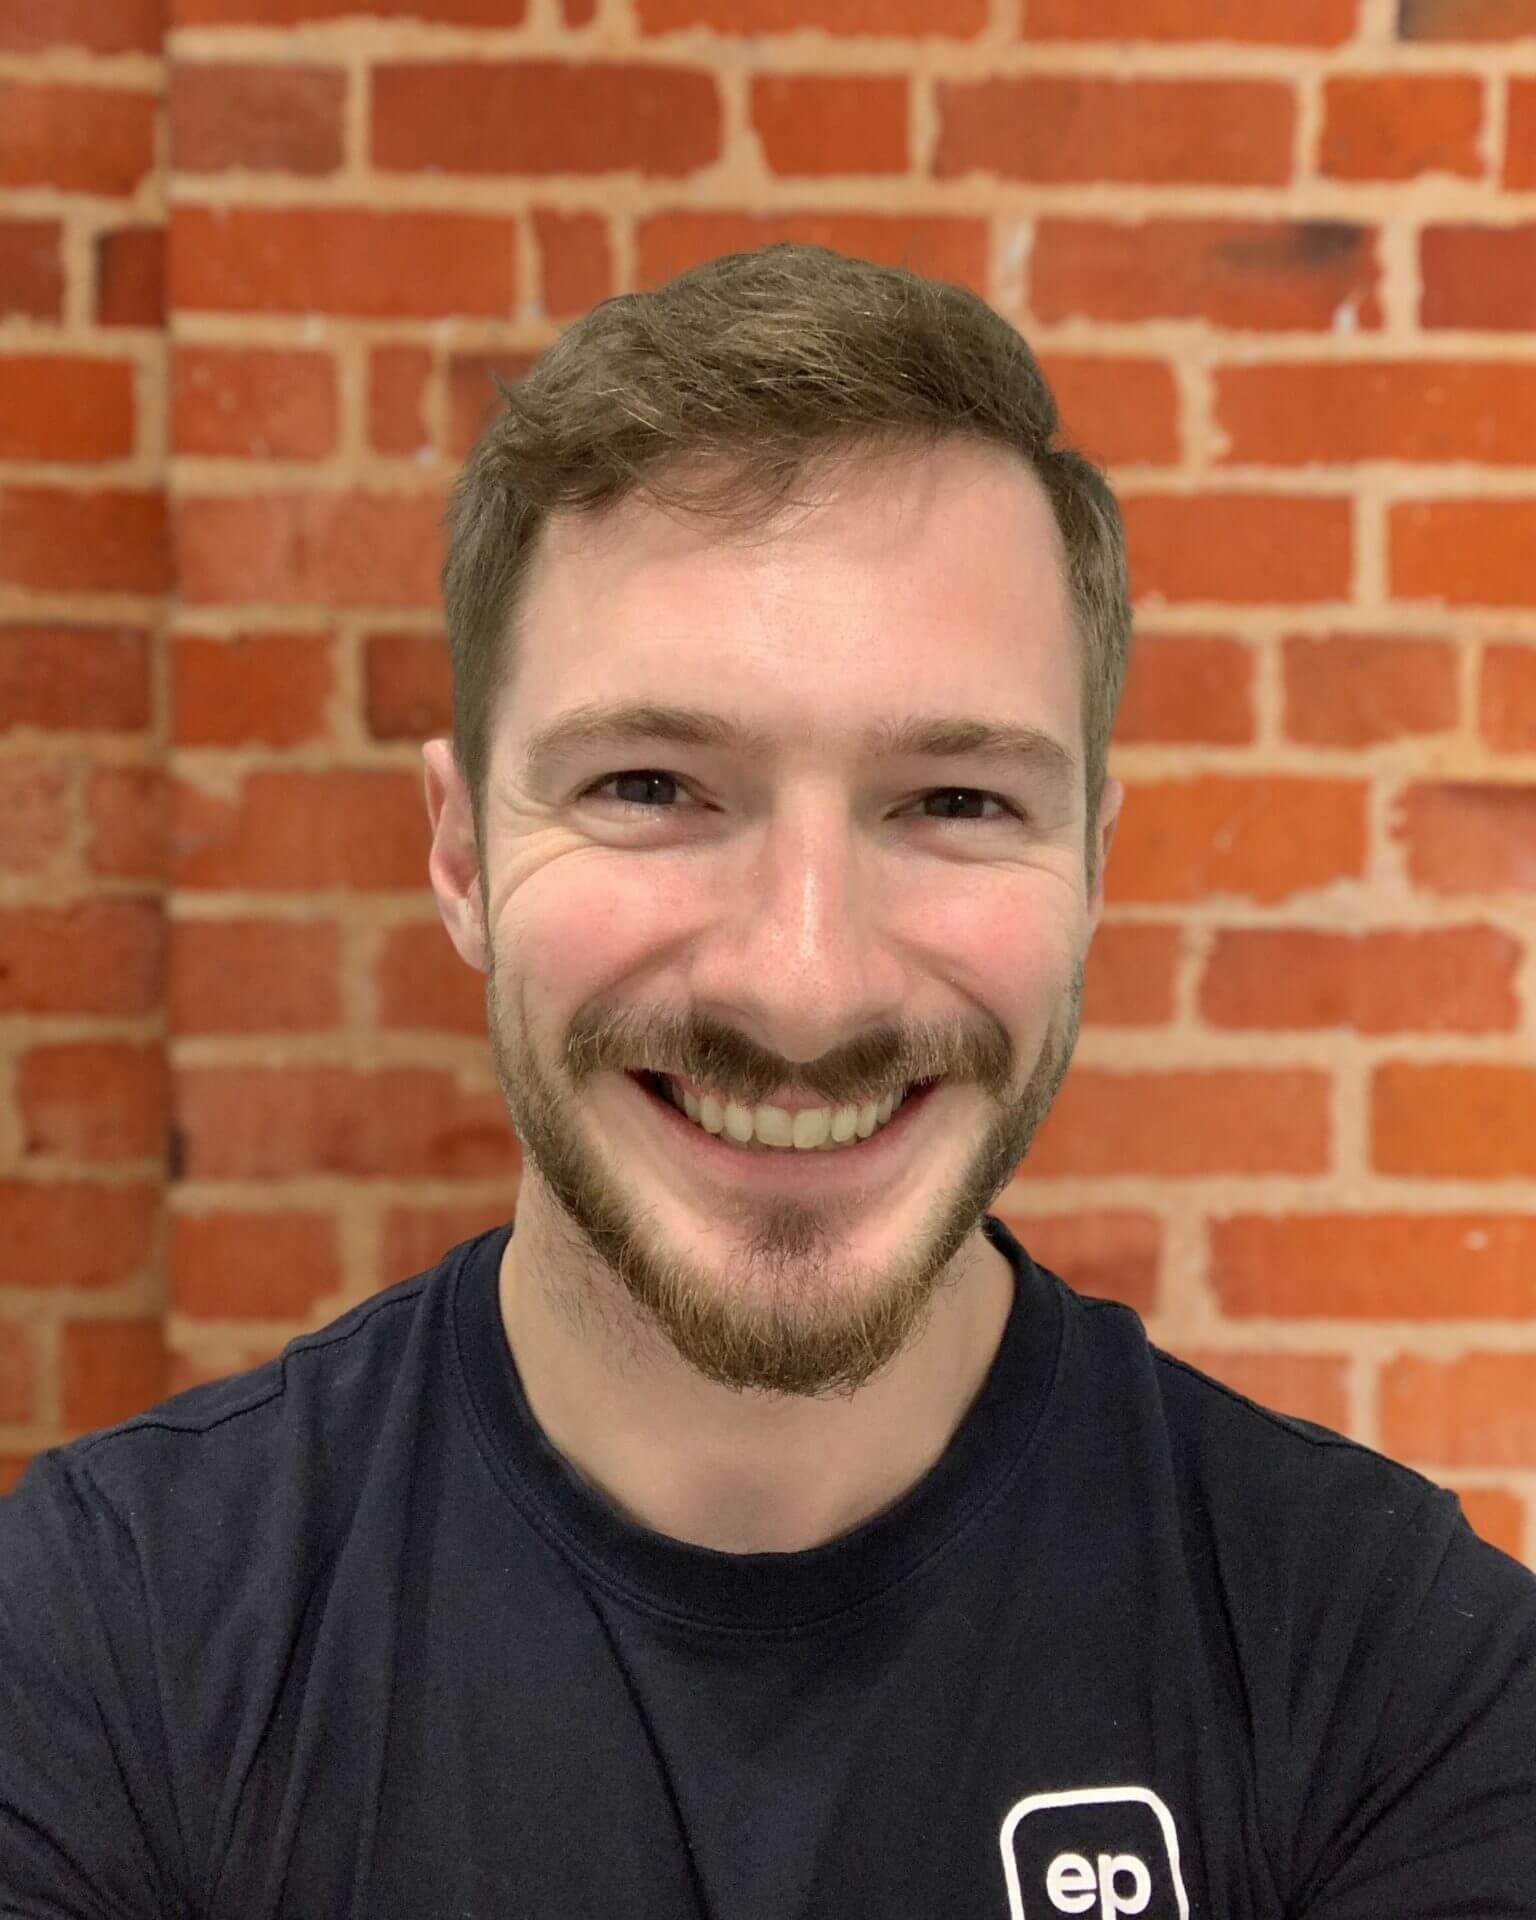 Philip Jury